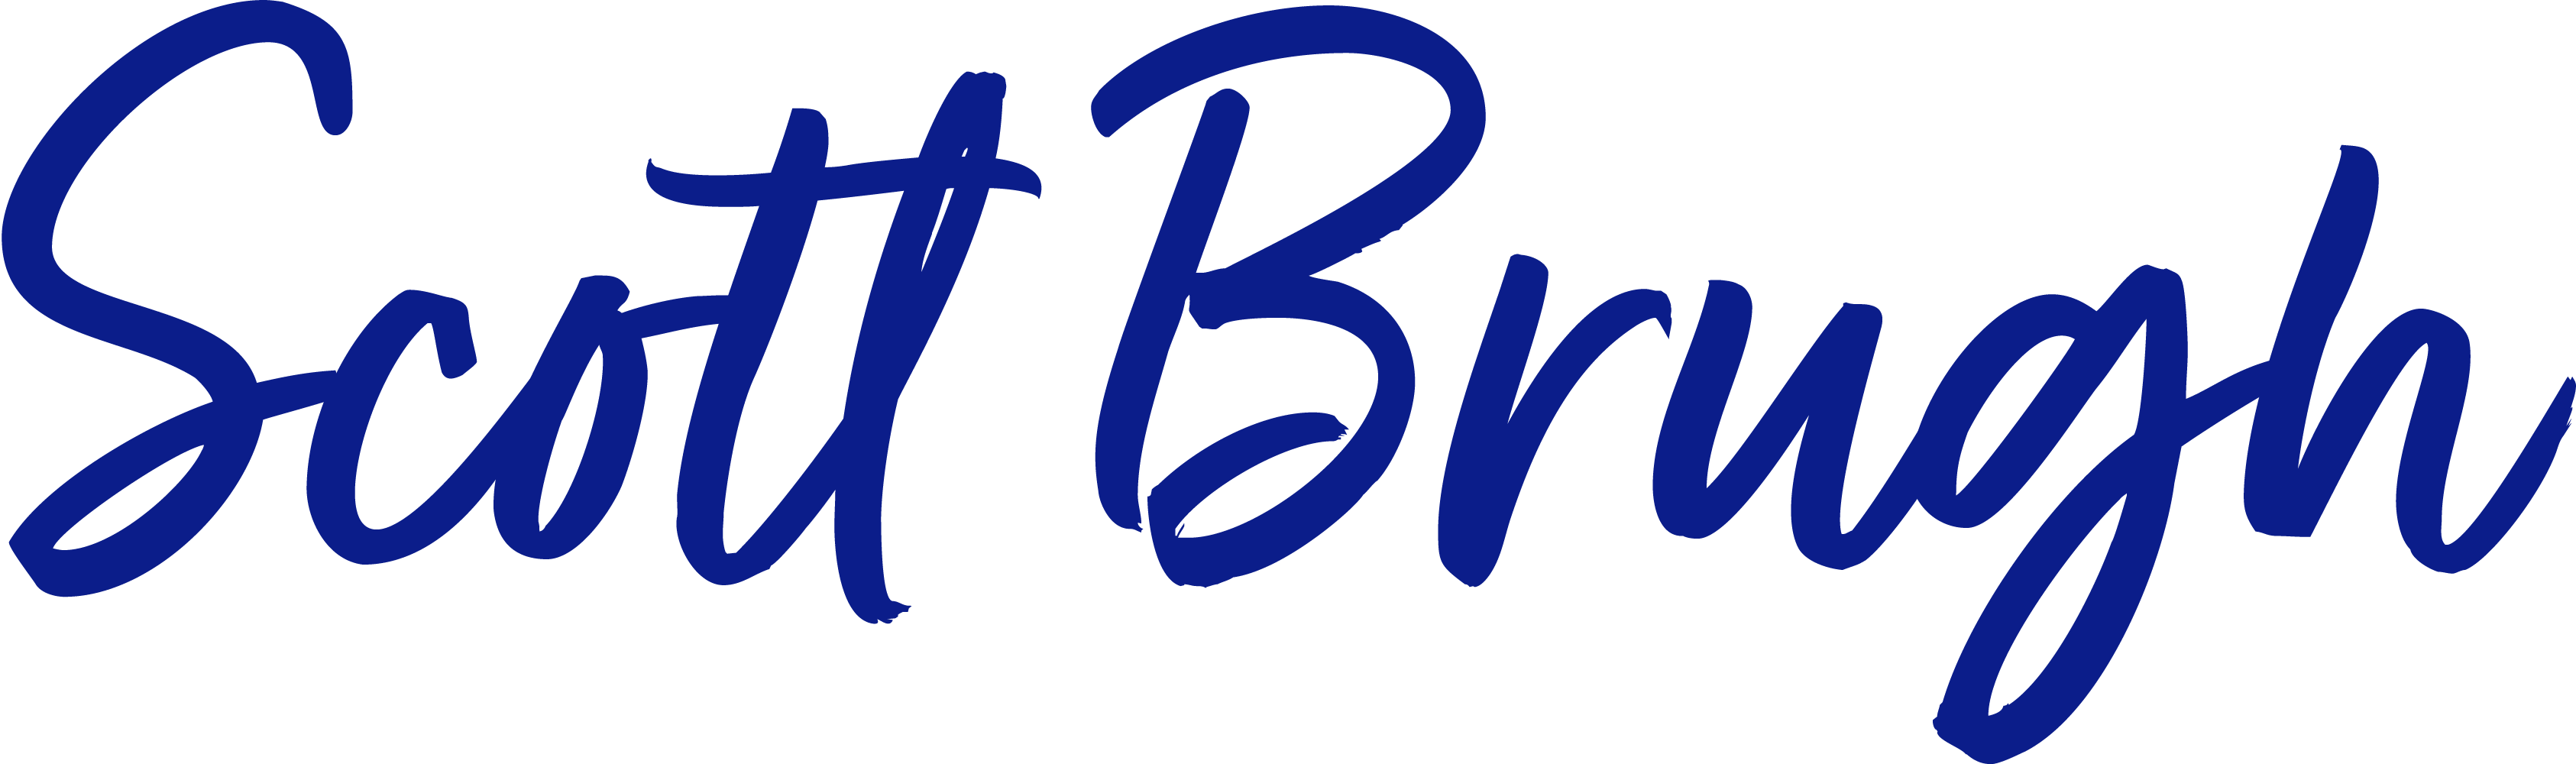 Scott Brugn (name)